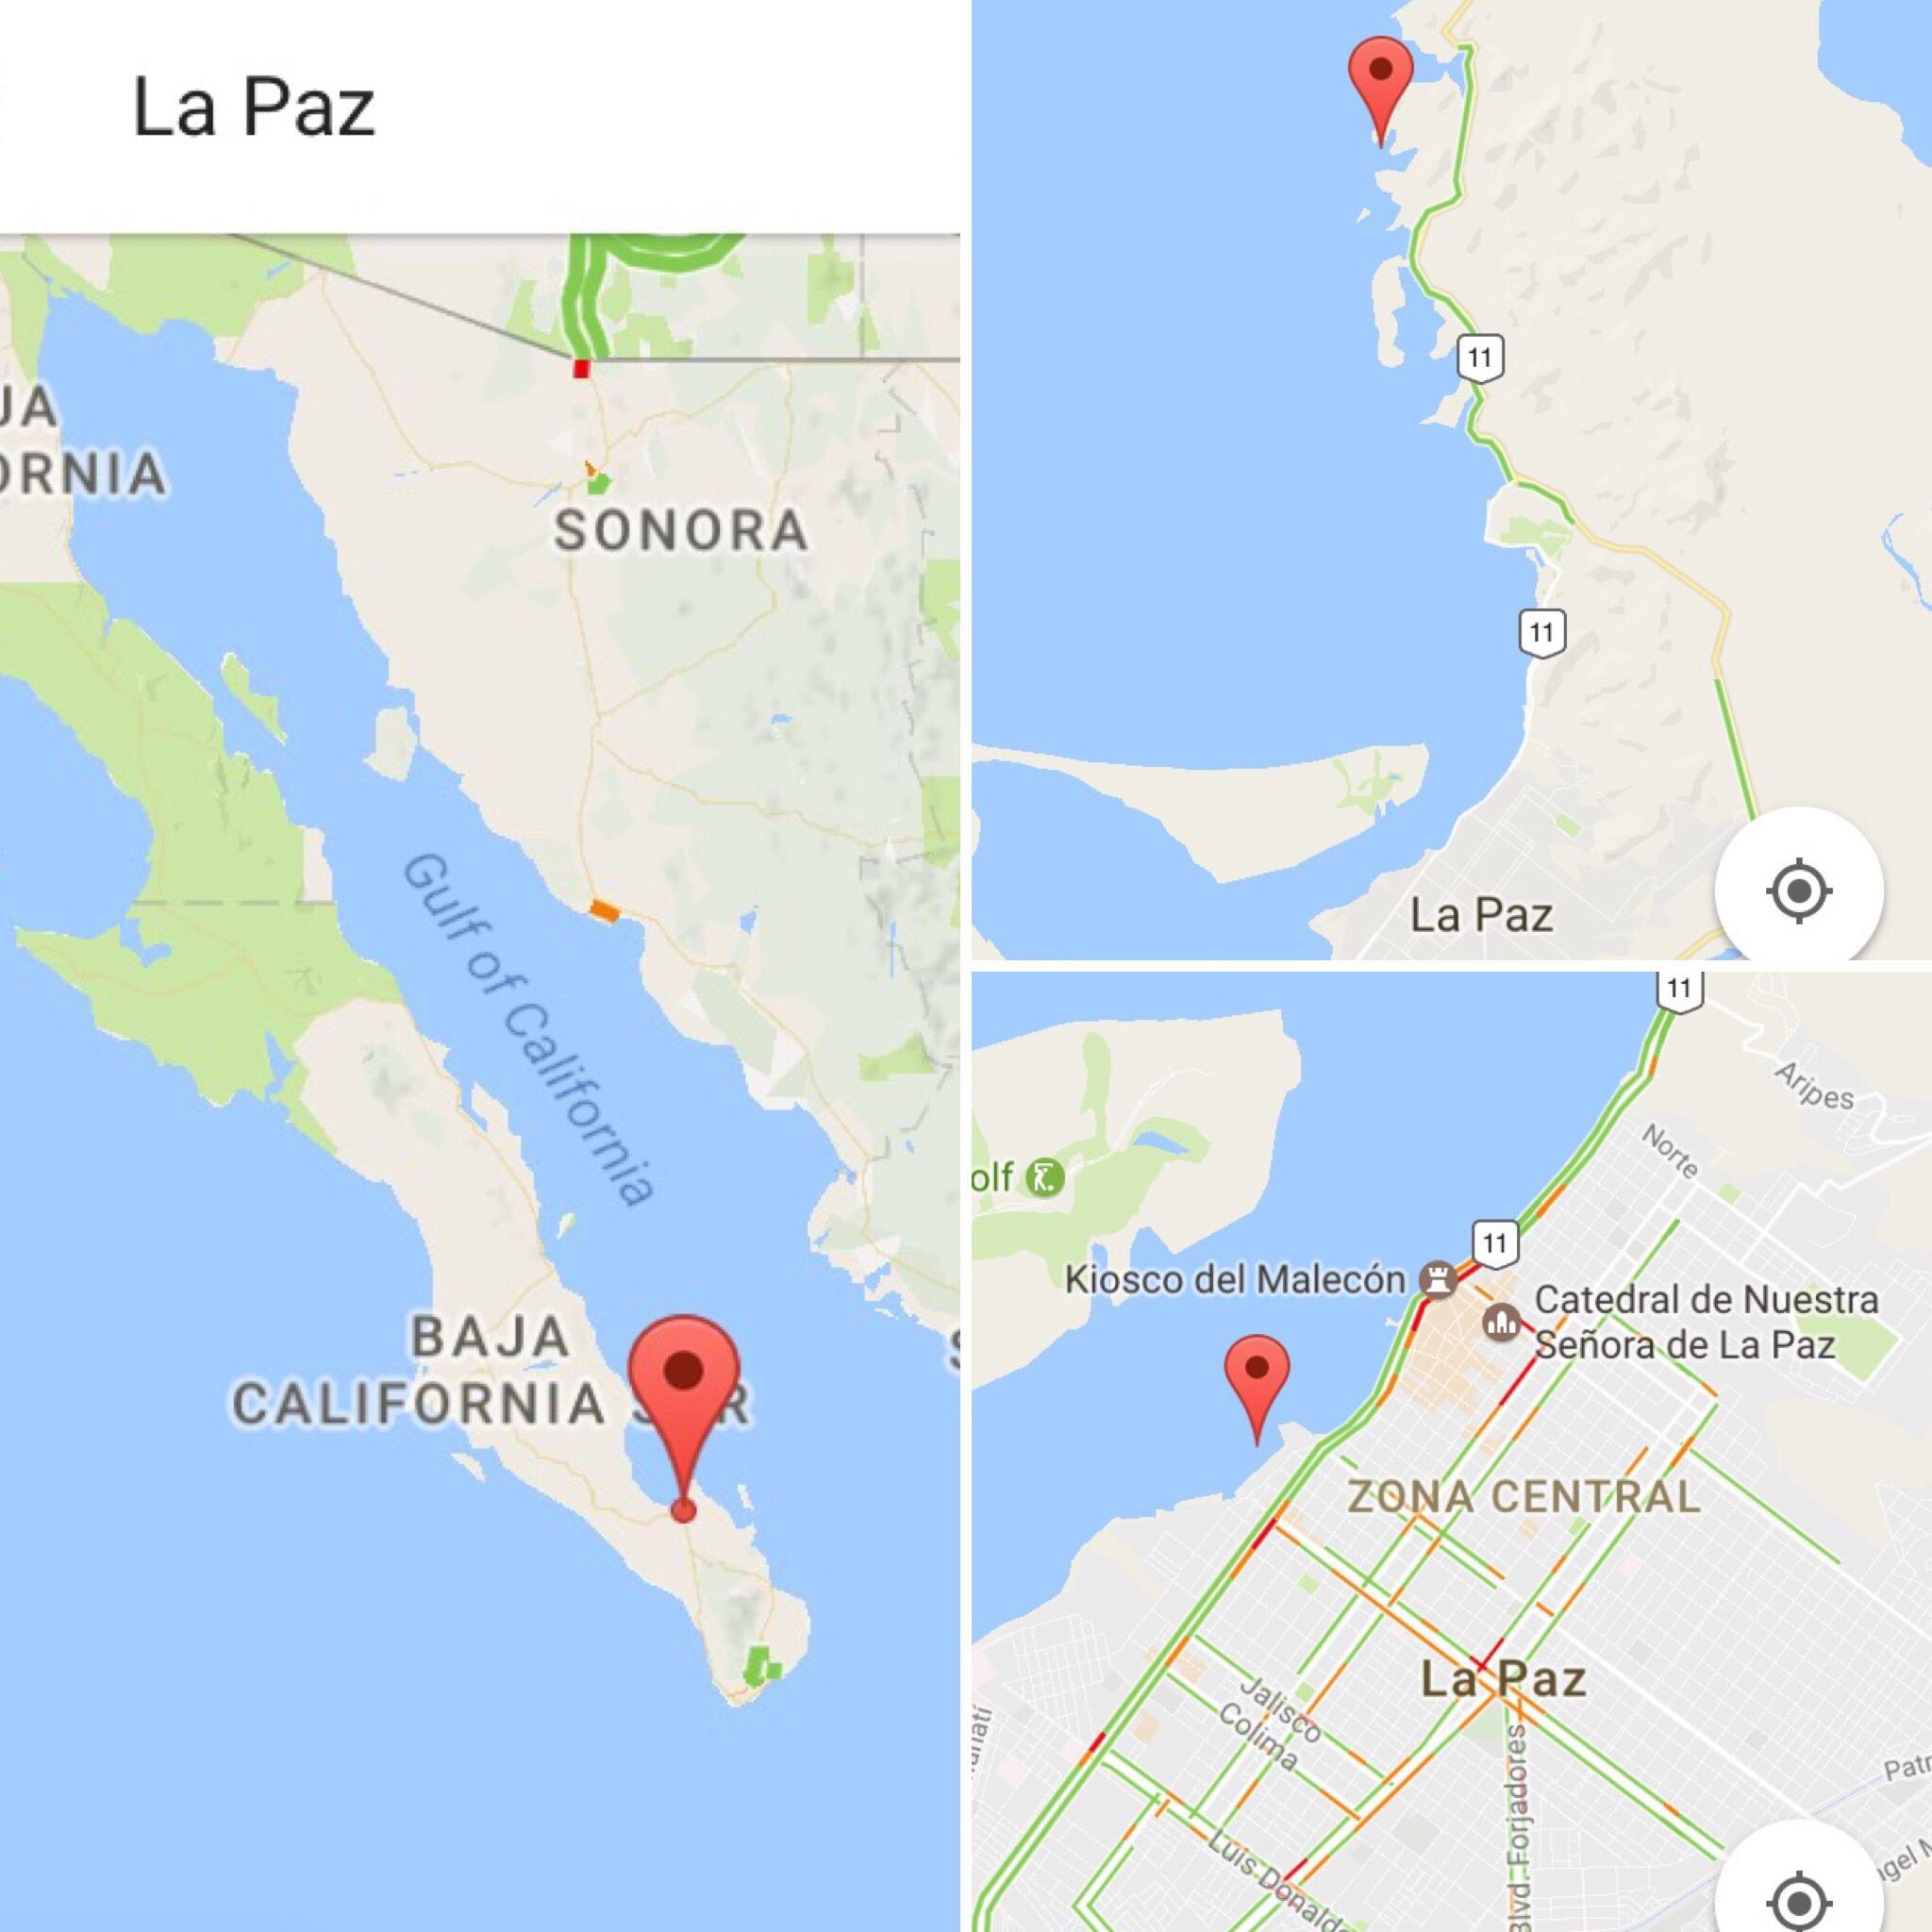 D D E Beb Bffbd New Of Maps La Paz Baja California Map - Klipy - La Paz Baja California Map